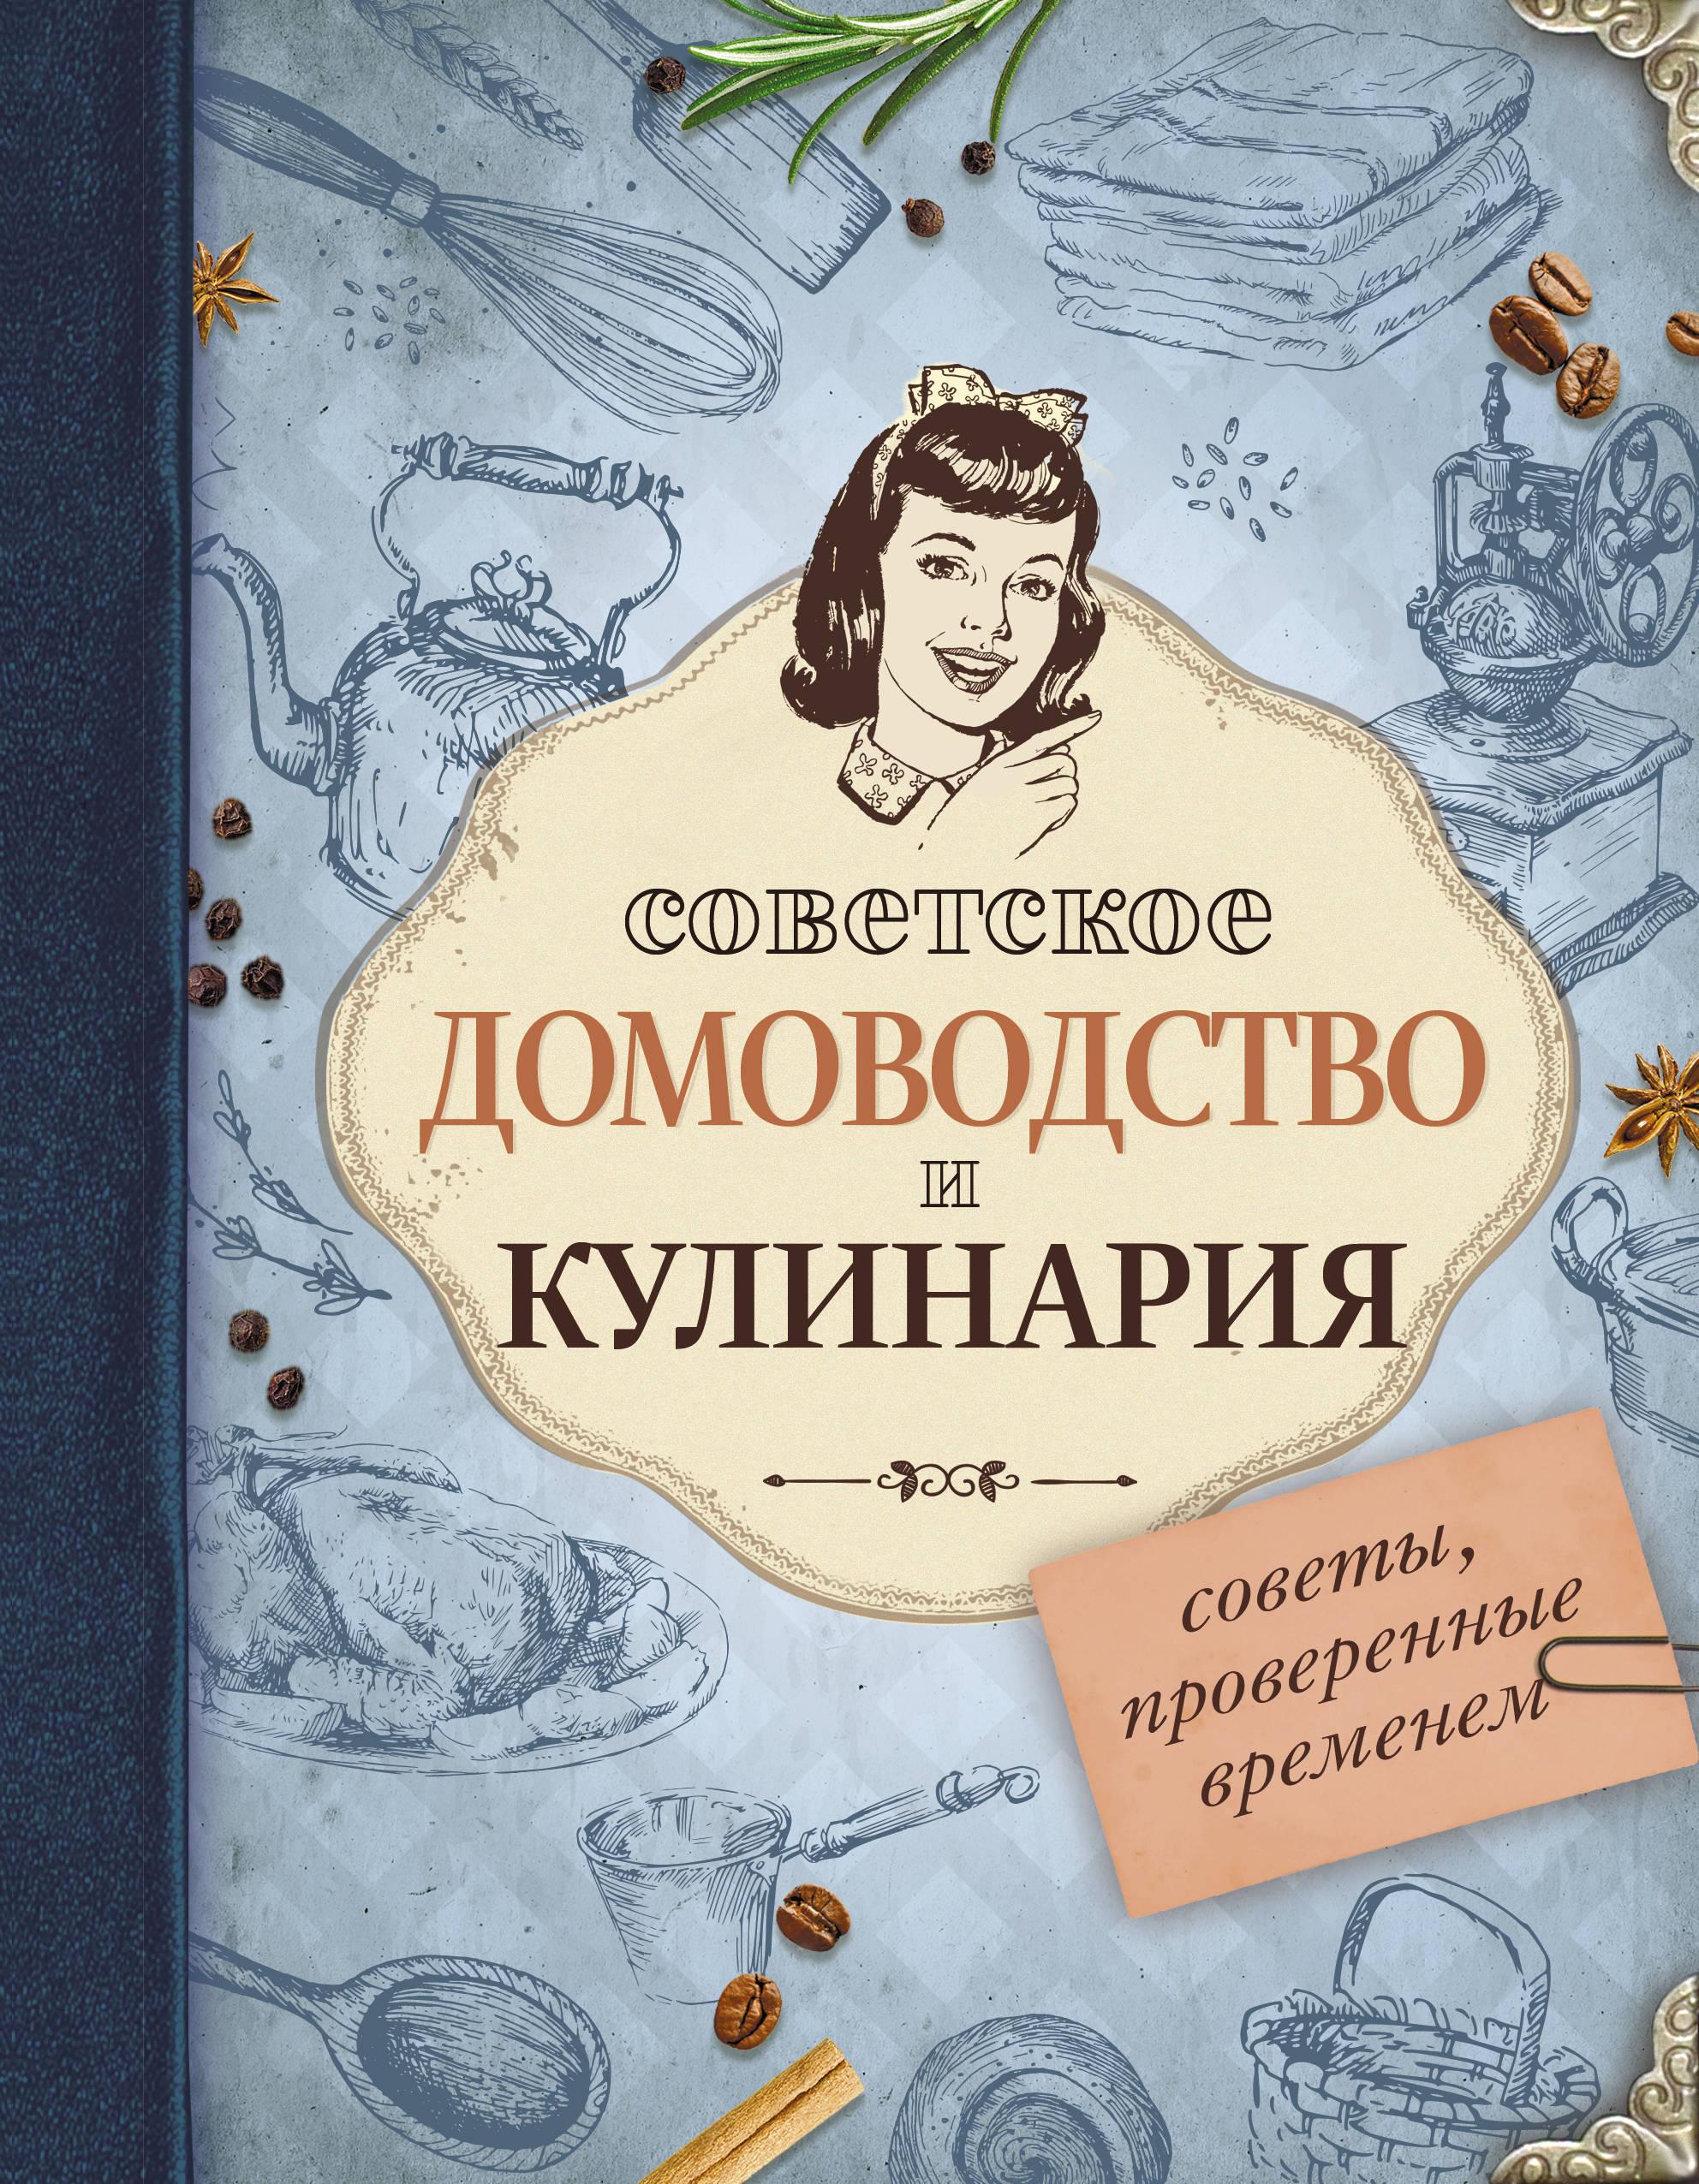 Советское домоводство и кулинария отсутствует советское домоводство и кулинария советы проверенные временем